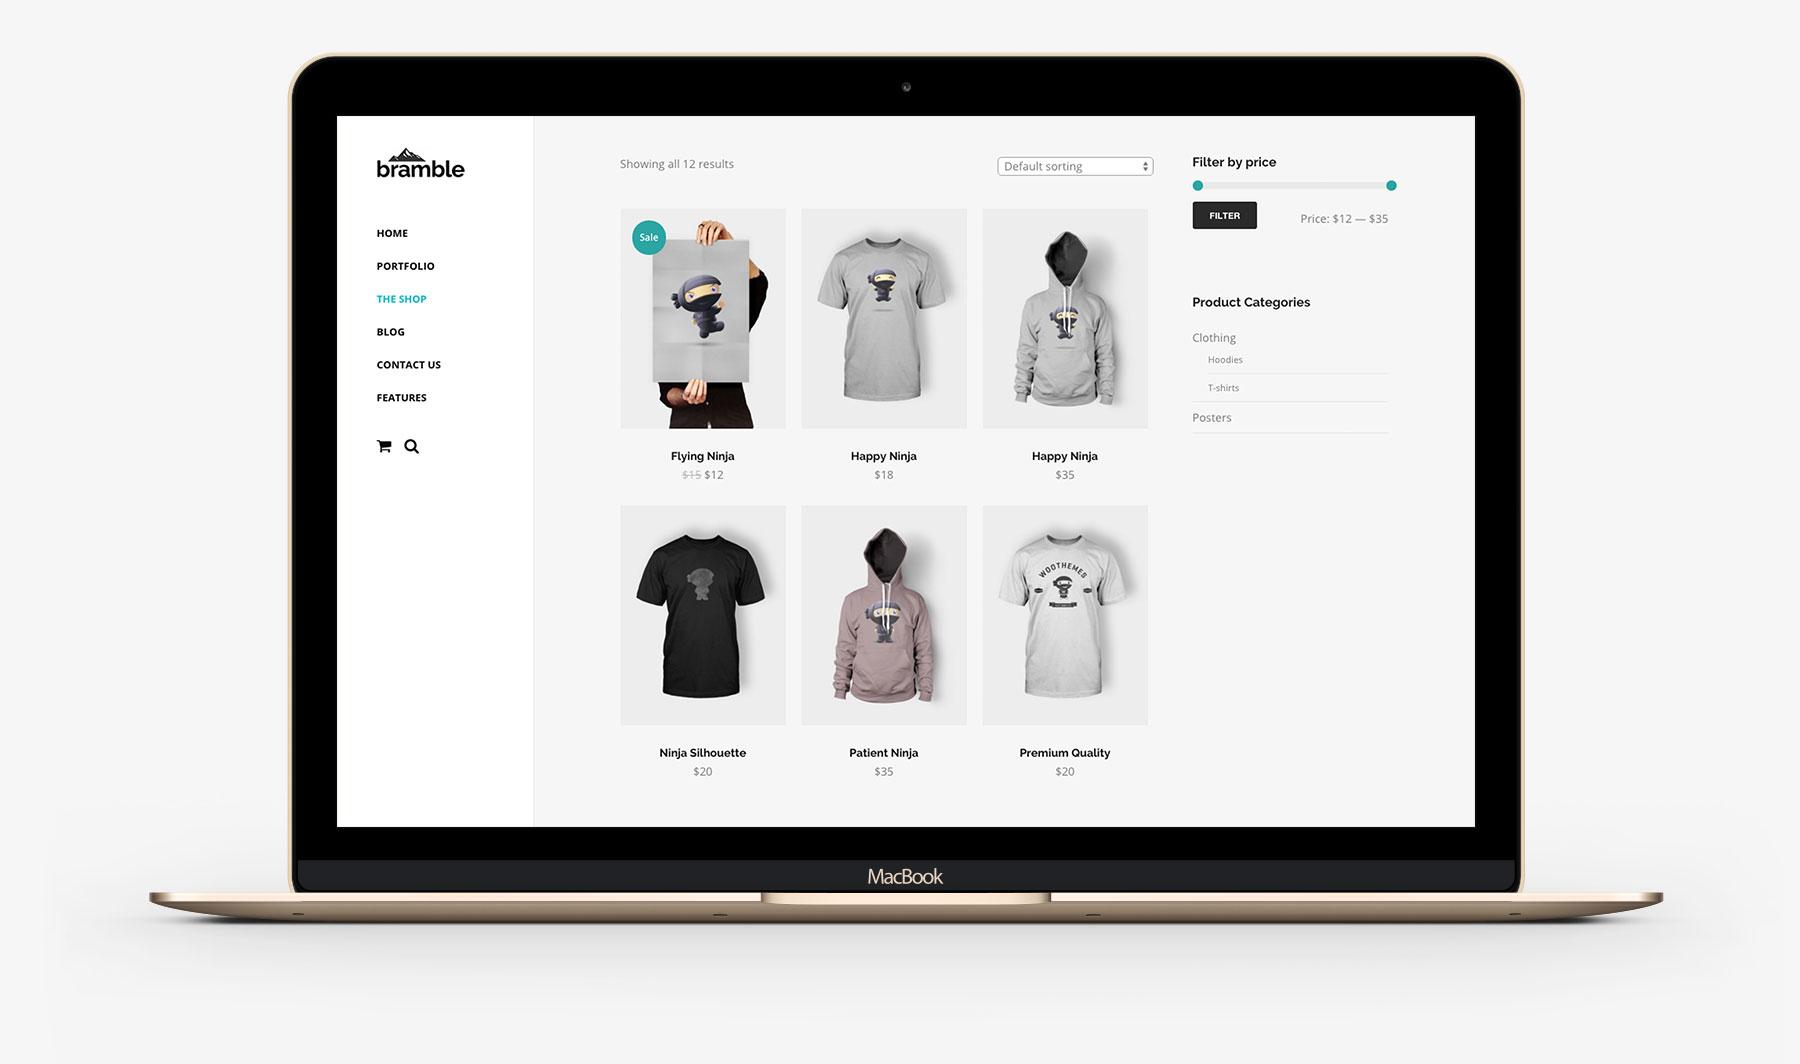 woo_commerce_macbook